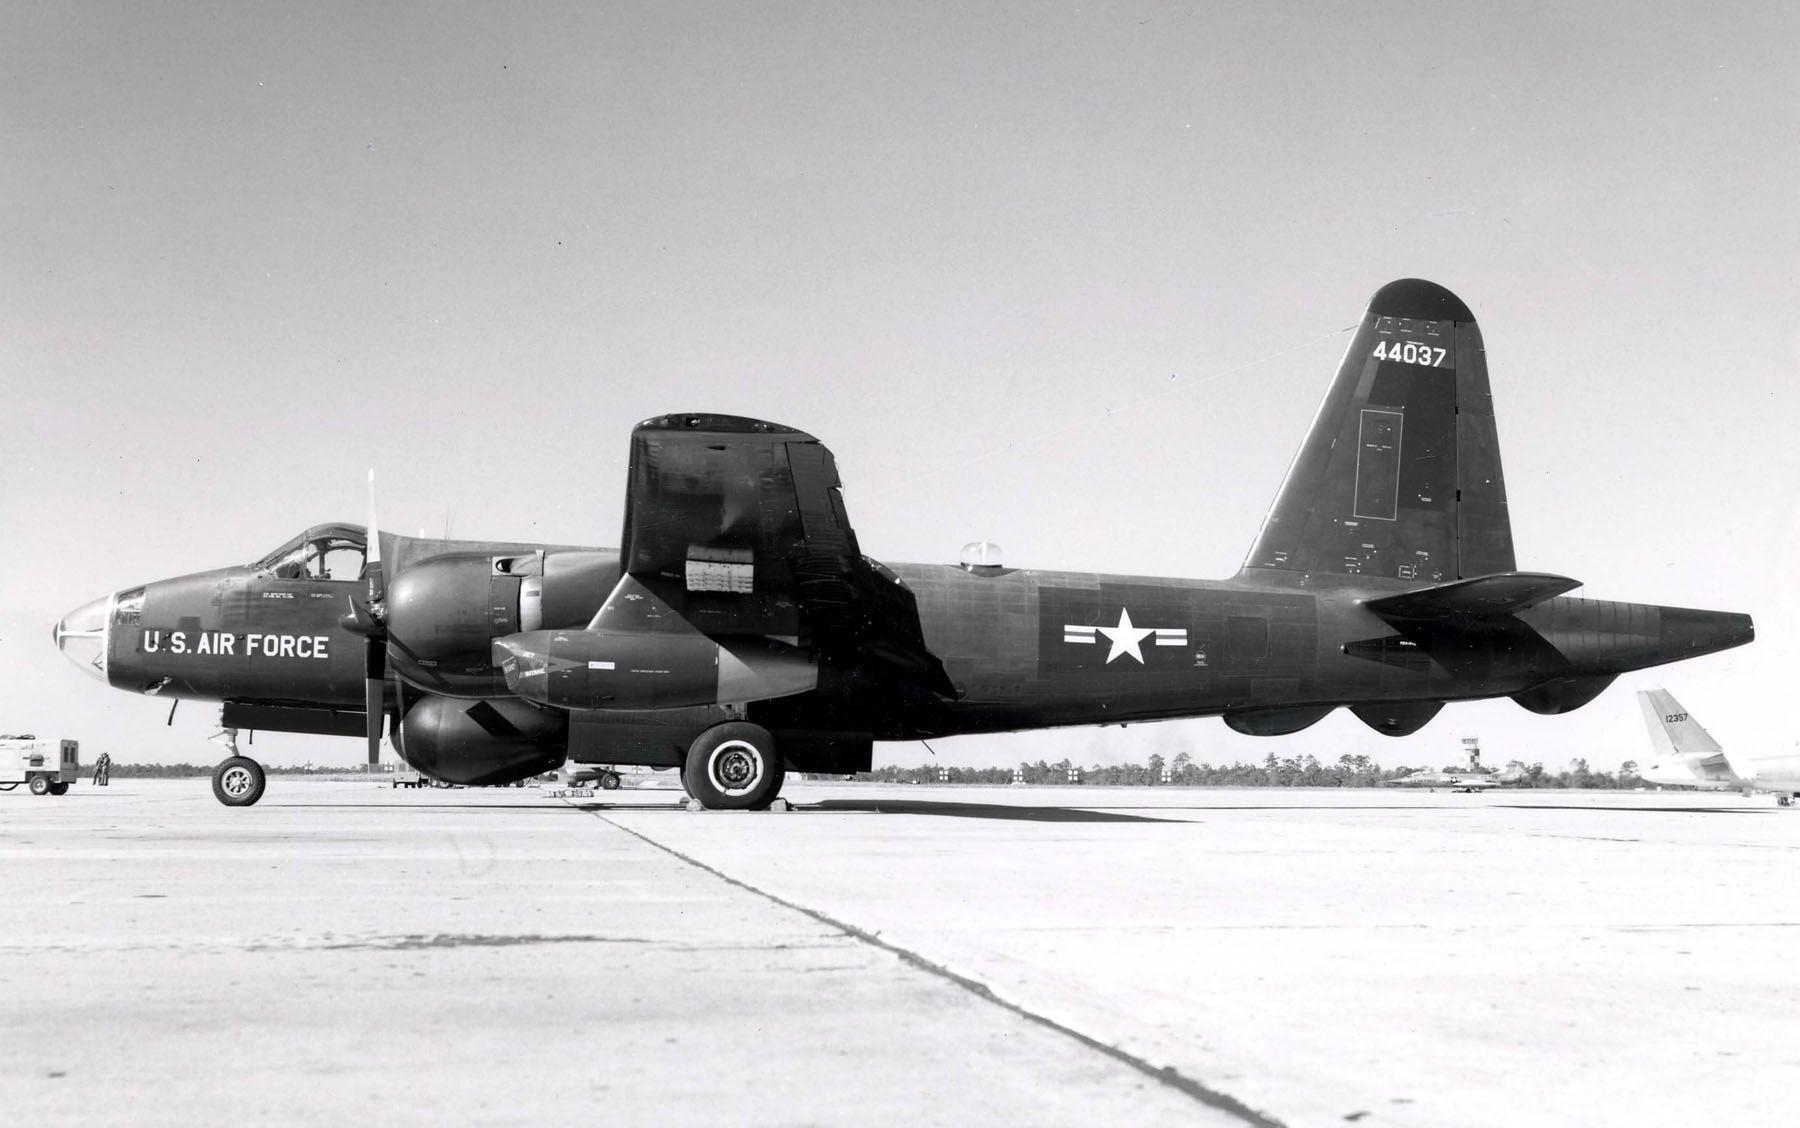 Lockheed RB-69A Neptune 061122-F-1234P-007 - Lockheed P-2 Neptune - Wikipedia, the free encyclopedia